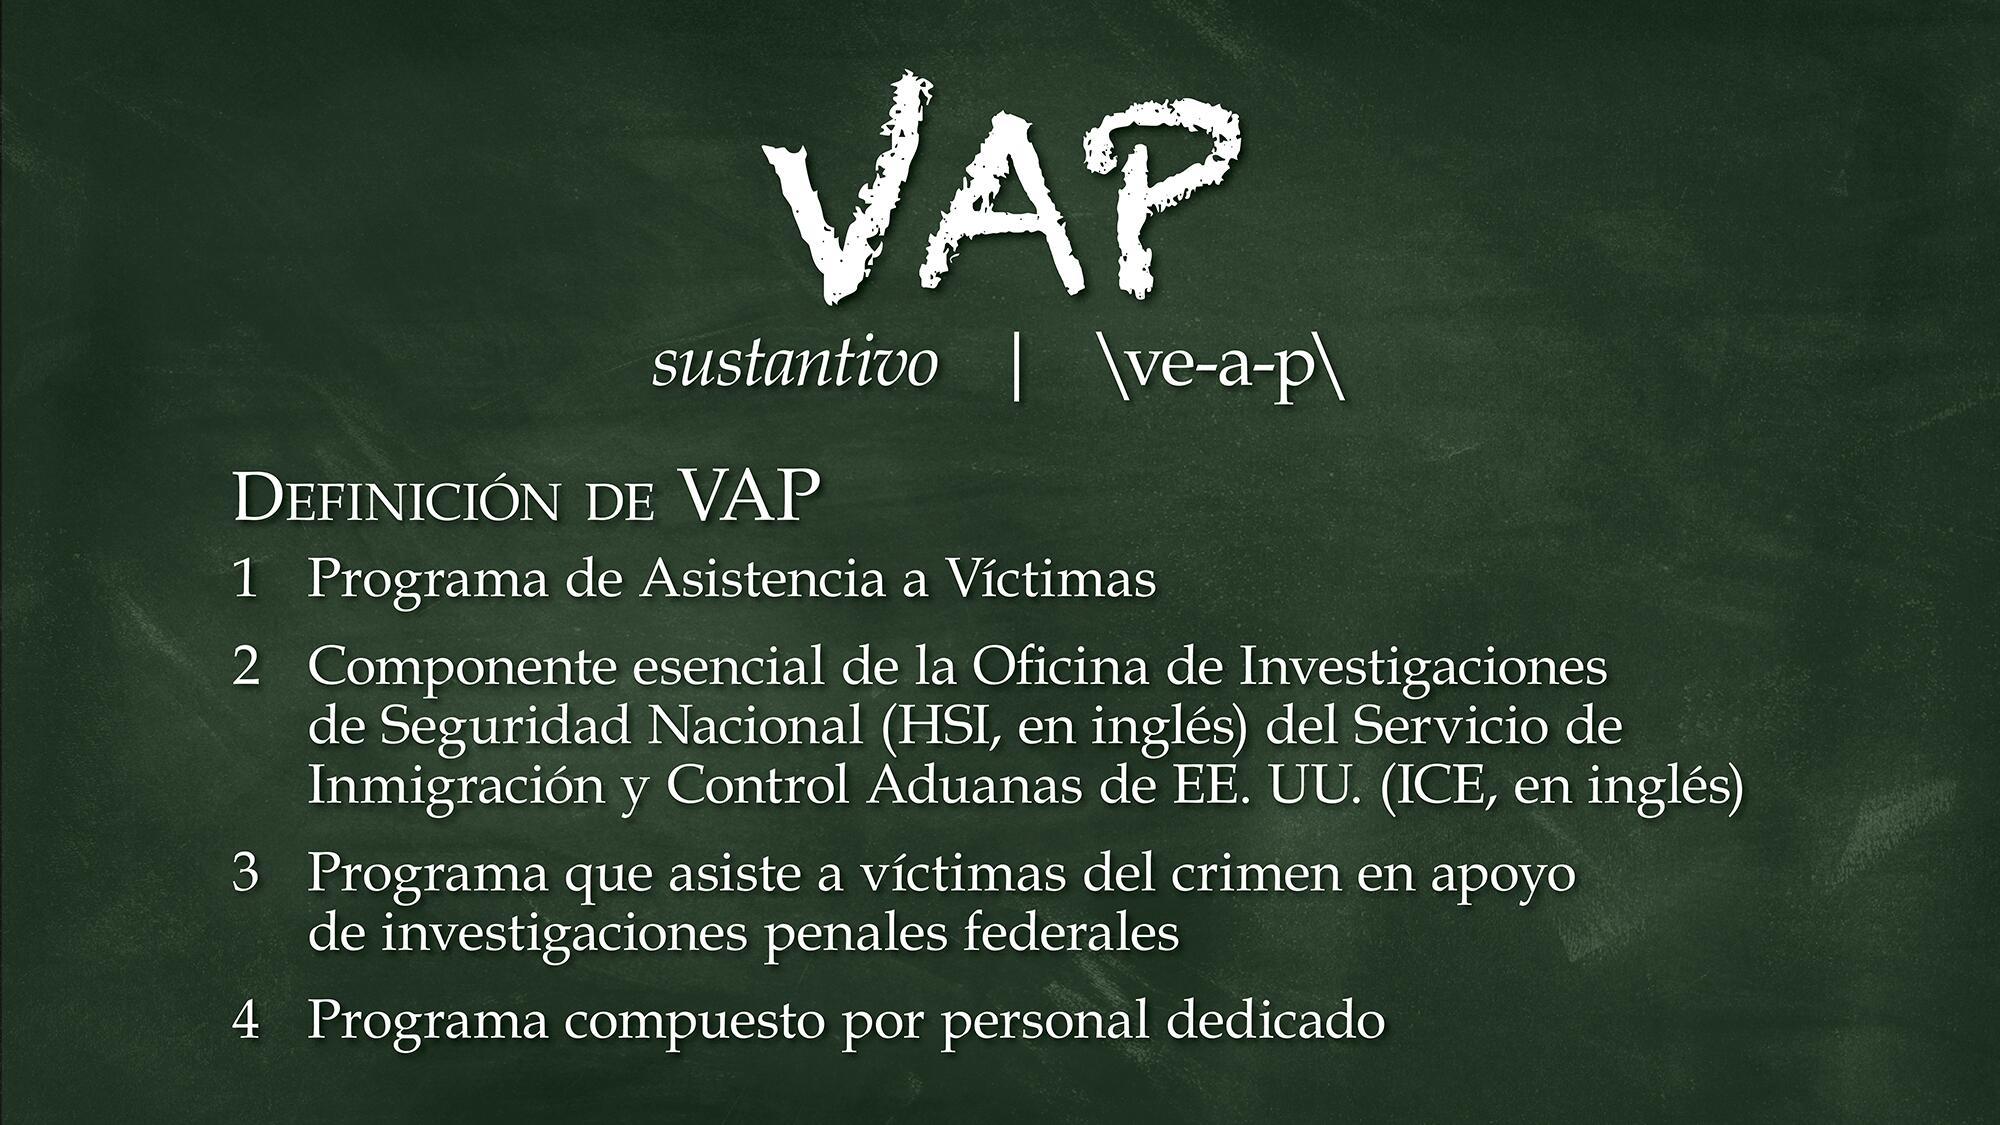 Programa Asistencia Victimas (VAP)